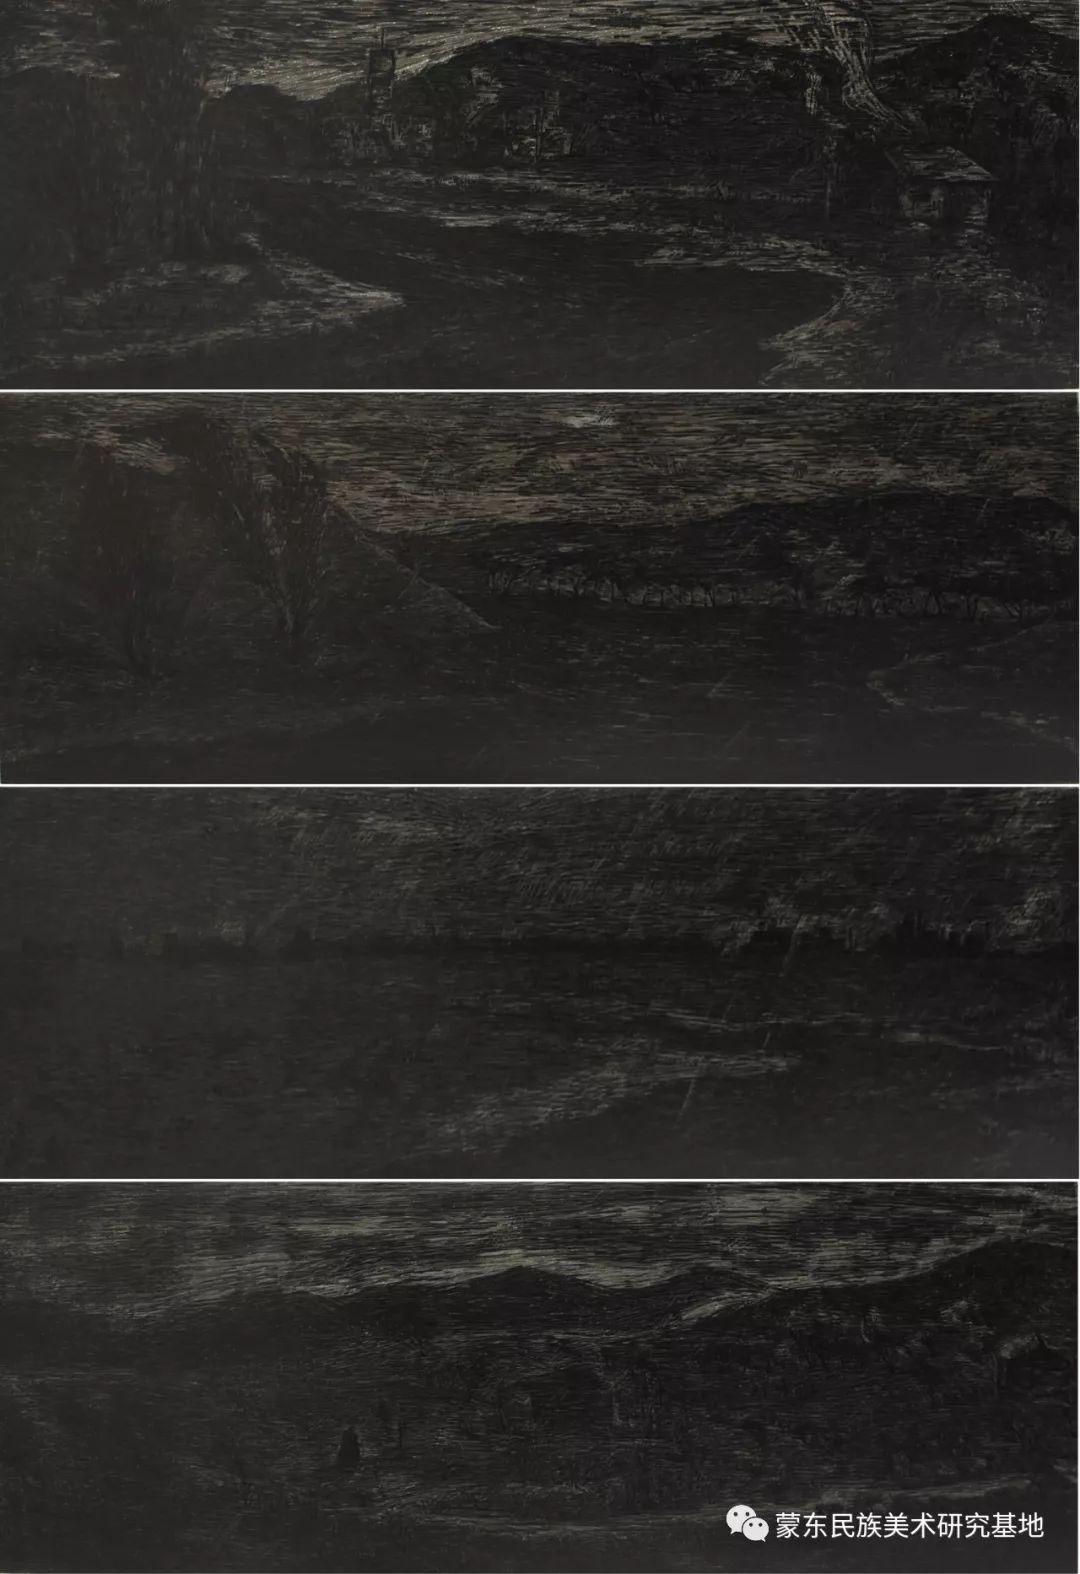 王永波版画作品 第3张 王永波版画作品 蒙古画廊